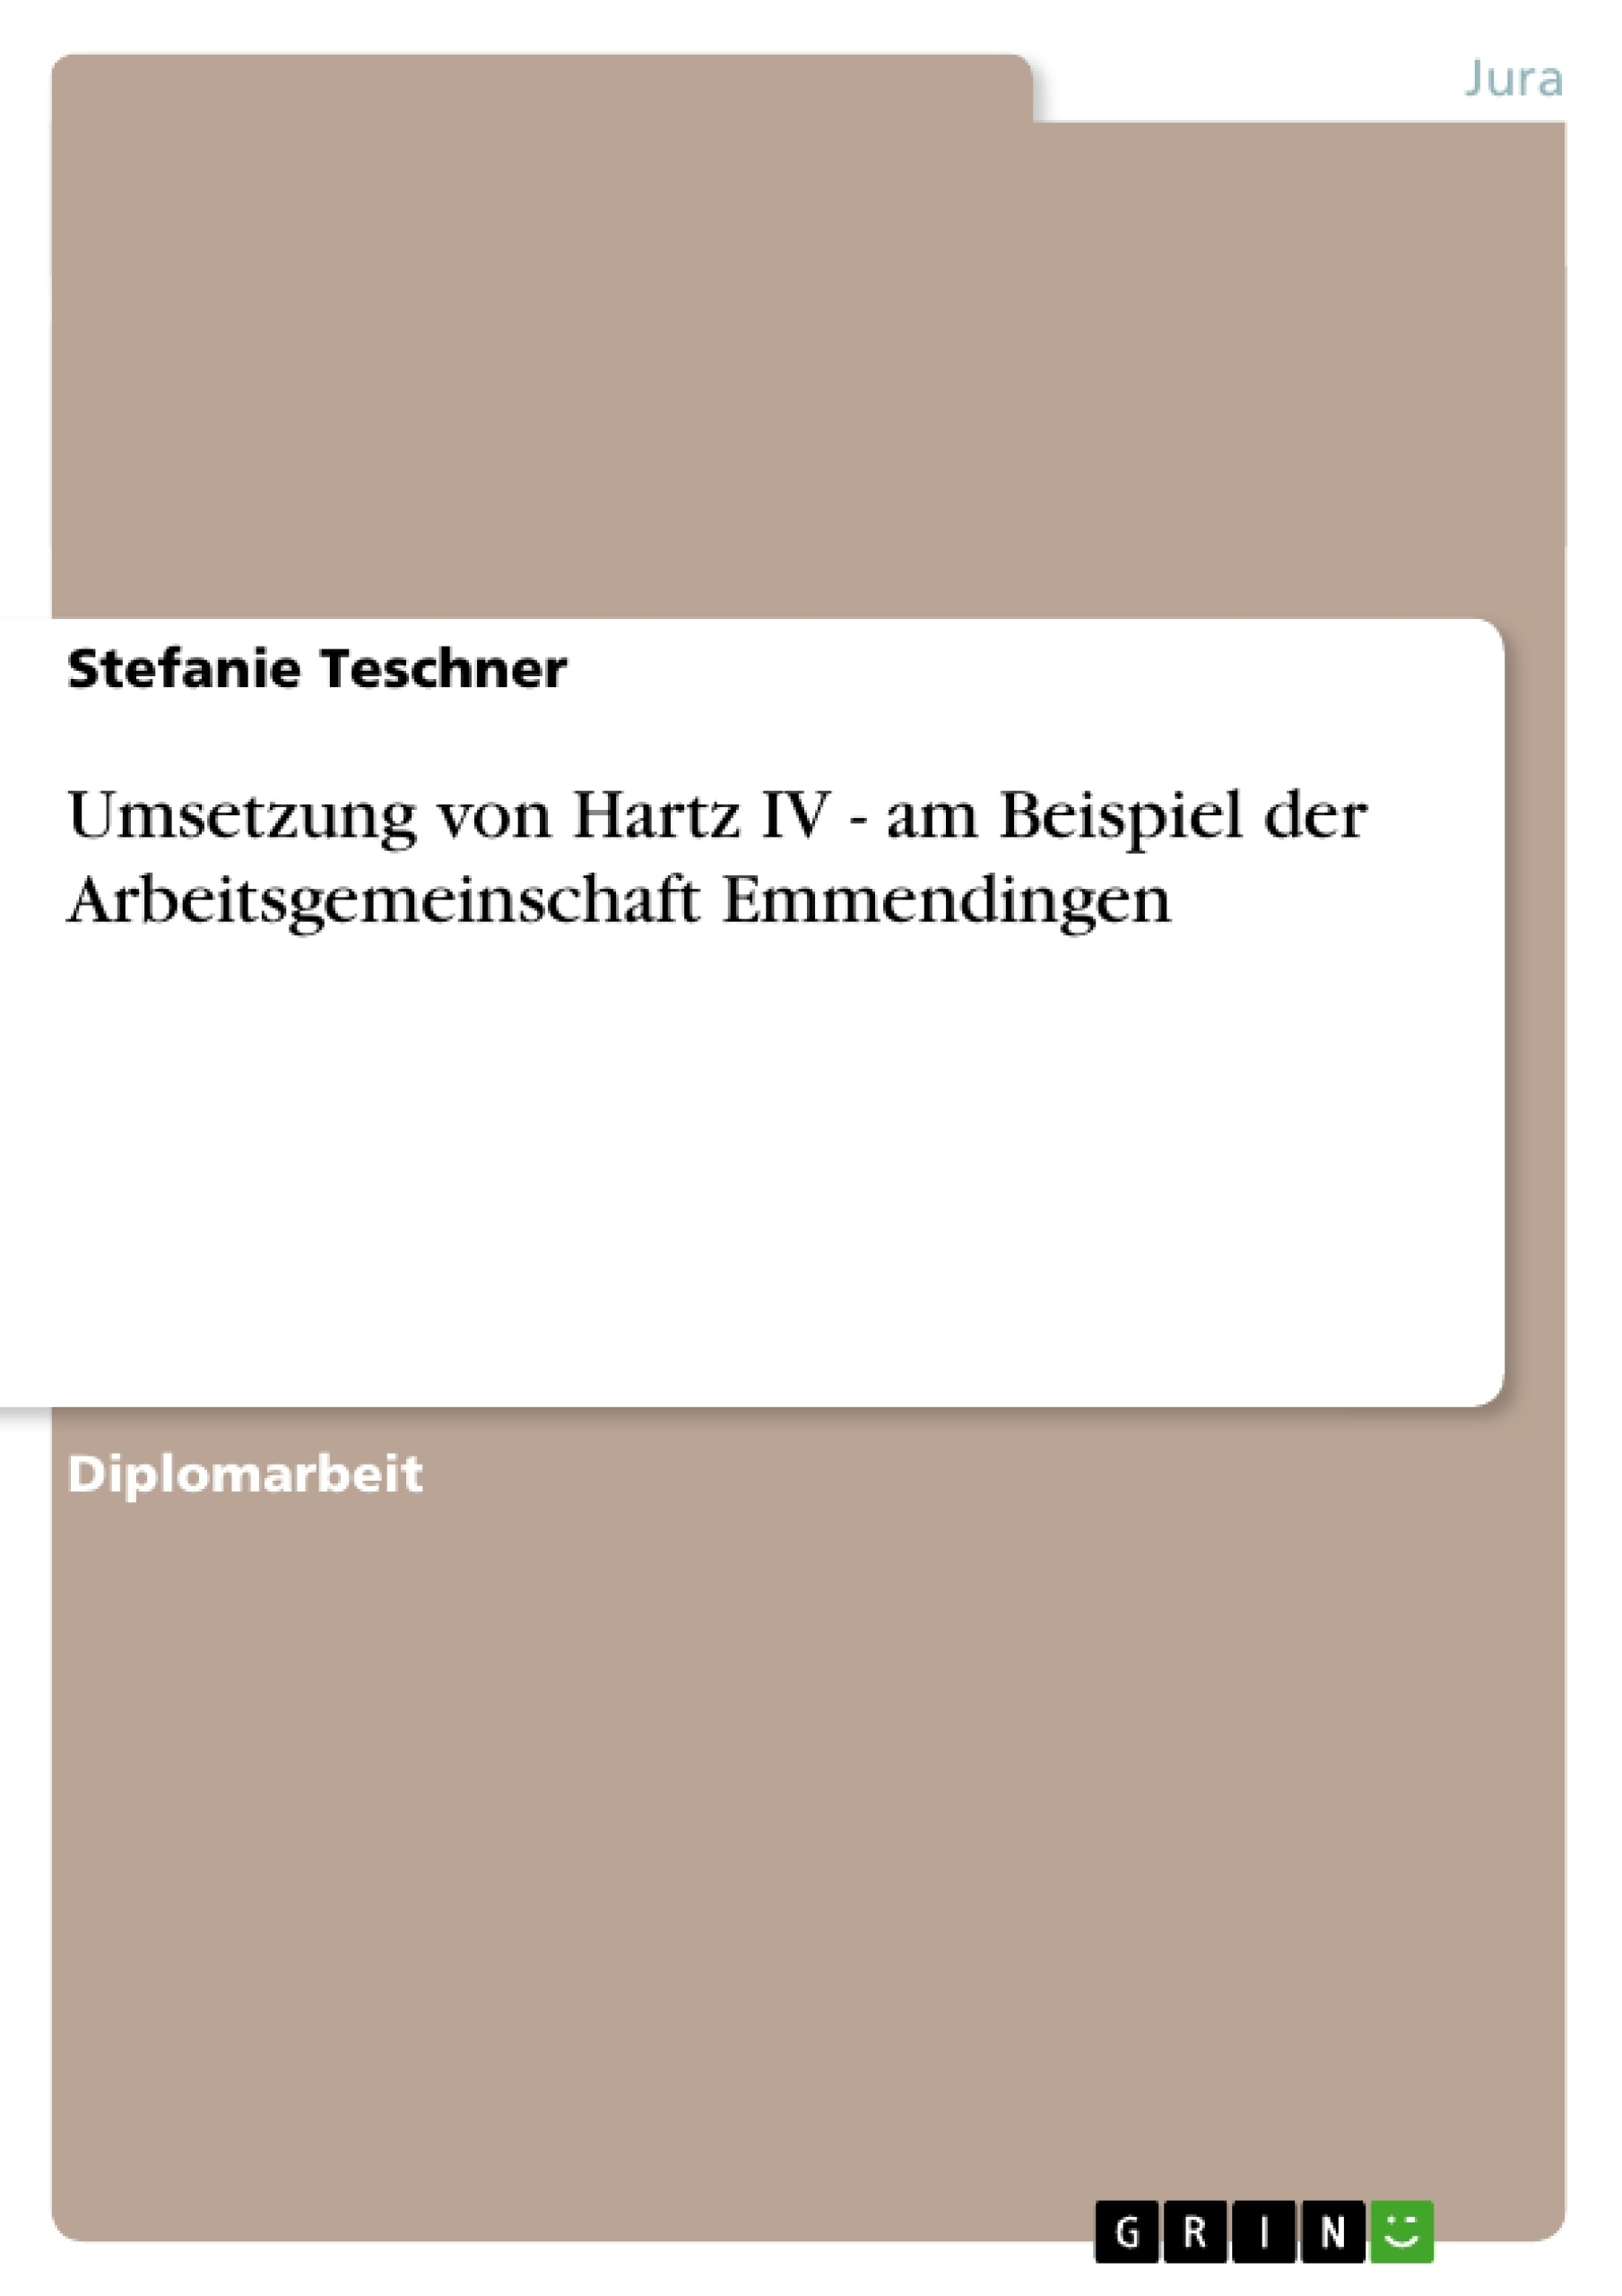 Titel: Umsetzung von Hartz IV - am Beispiel der Arbeitsgemeinschaft Emmendingen